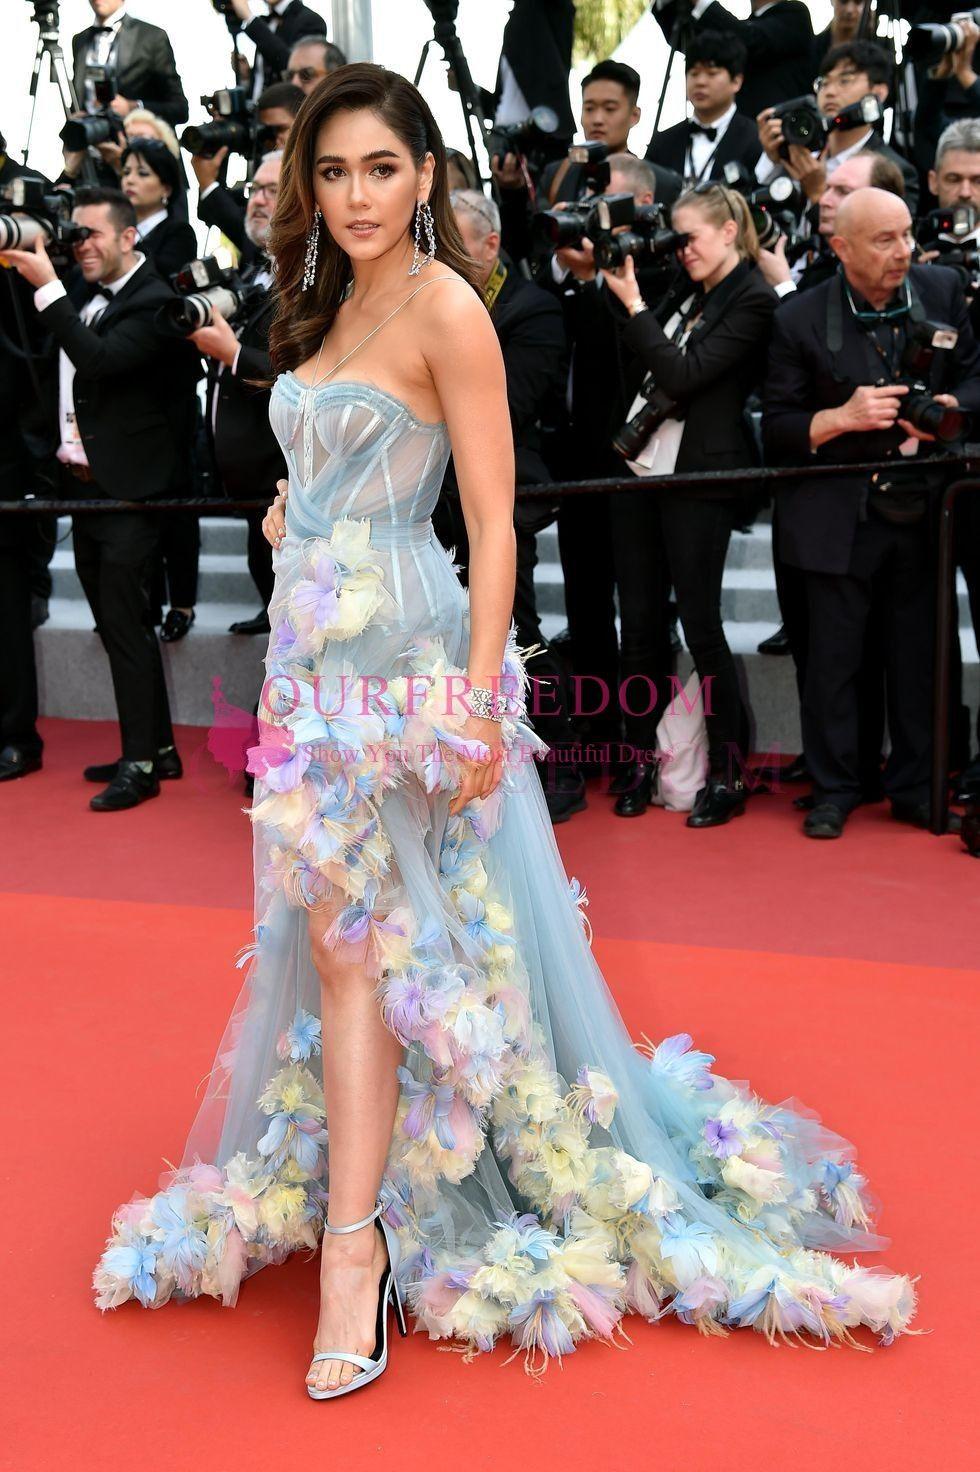 acheter festival du film de cannes 2019 araya hargate robes de celebrites col cherie sexy cote split 3d flore appliques formelles robes tapis rouge de